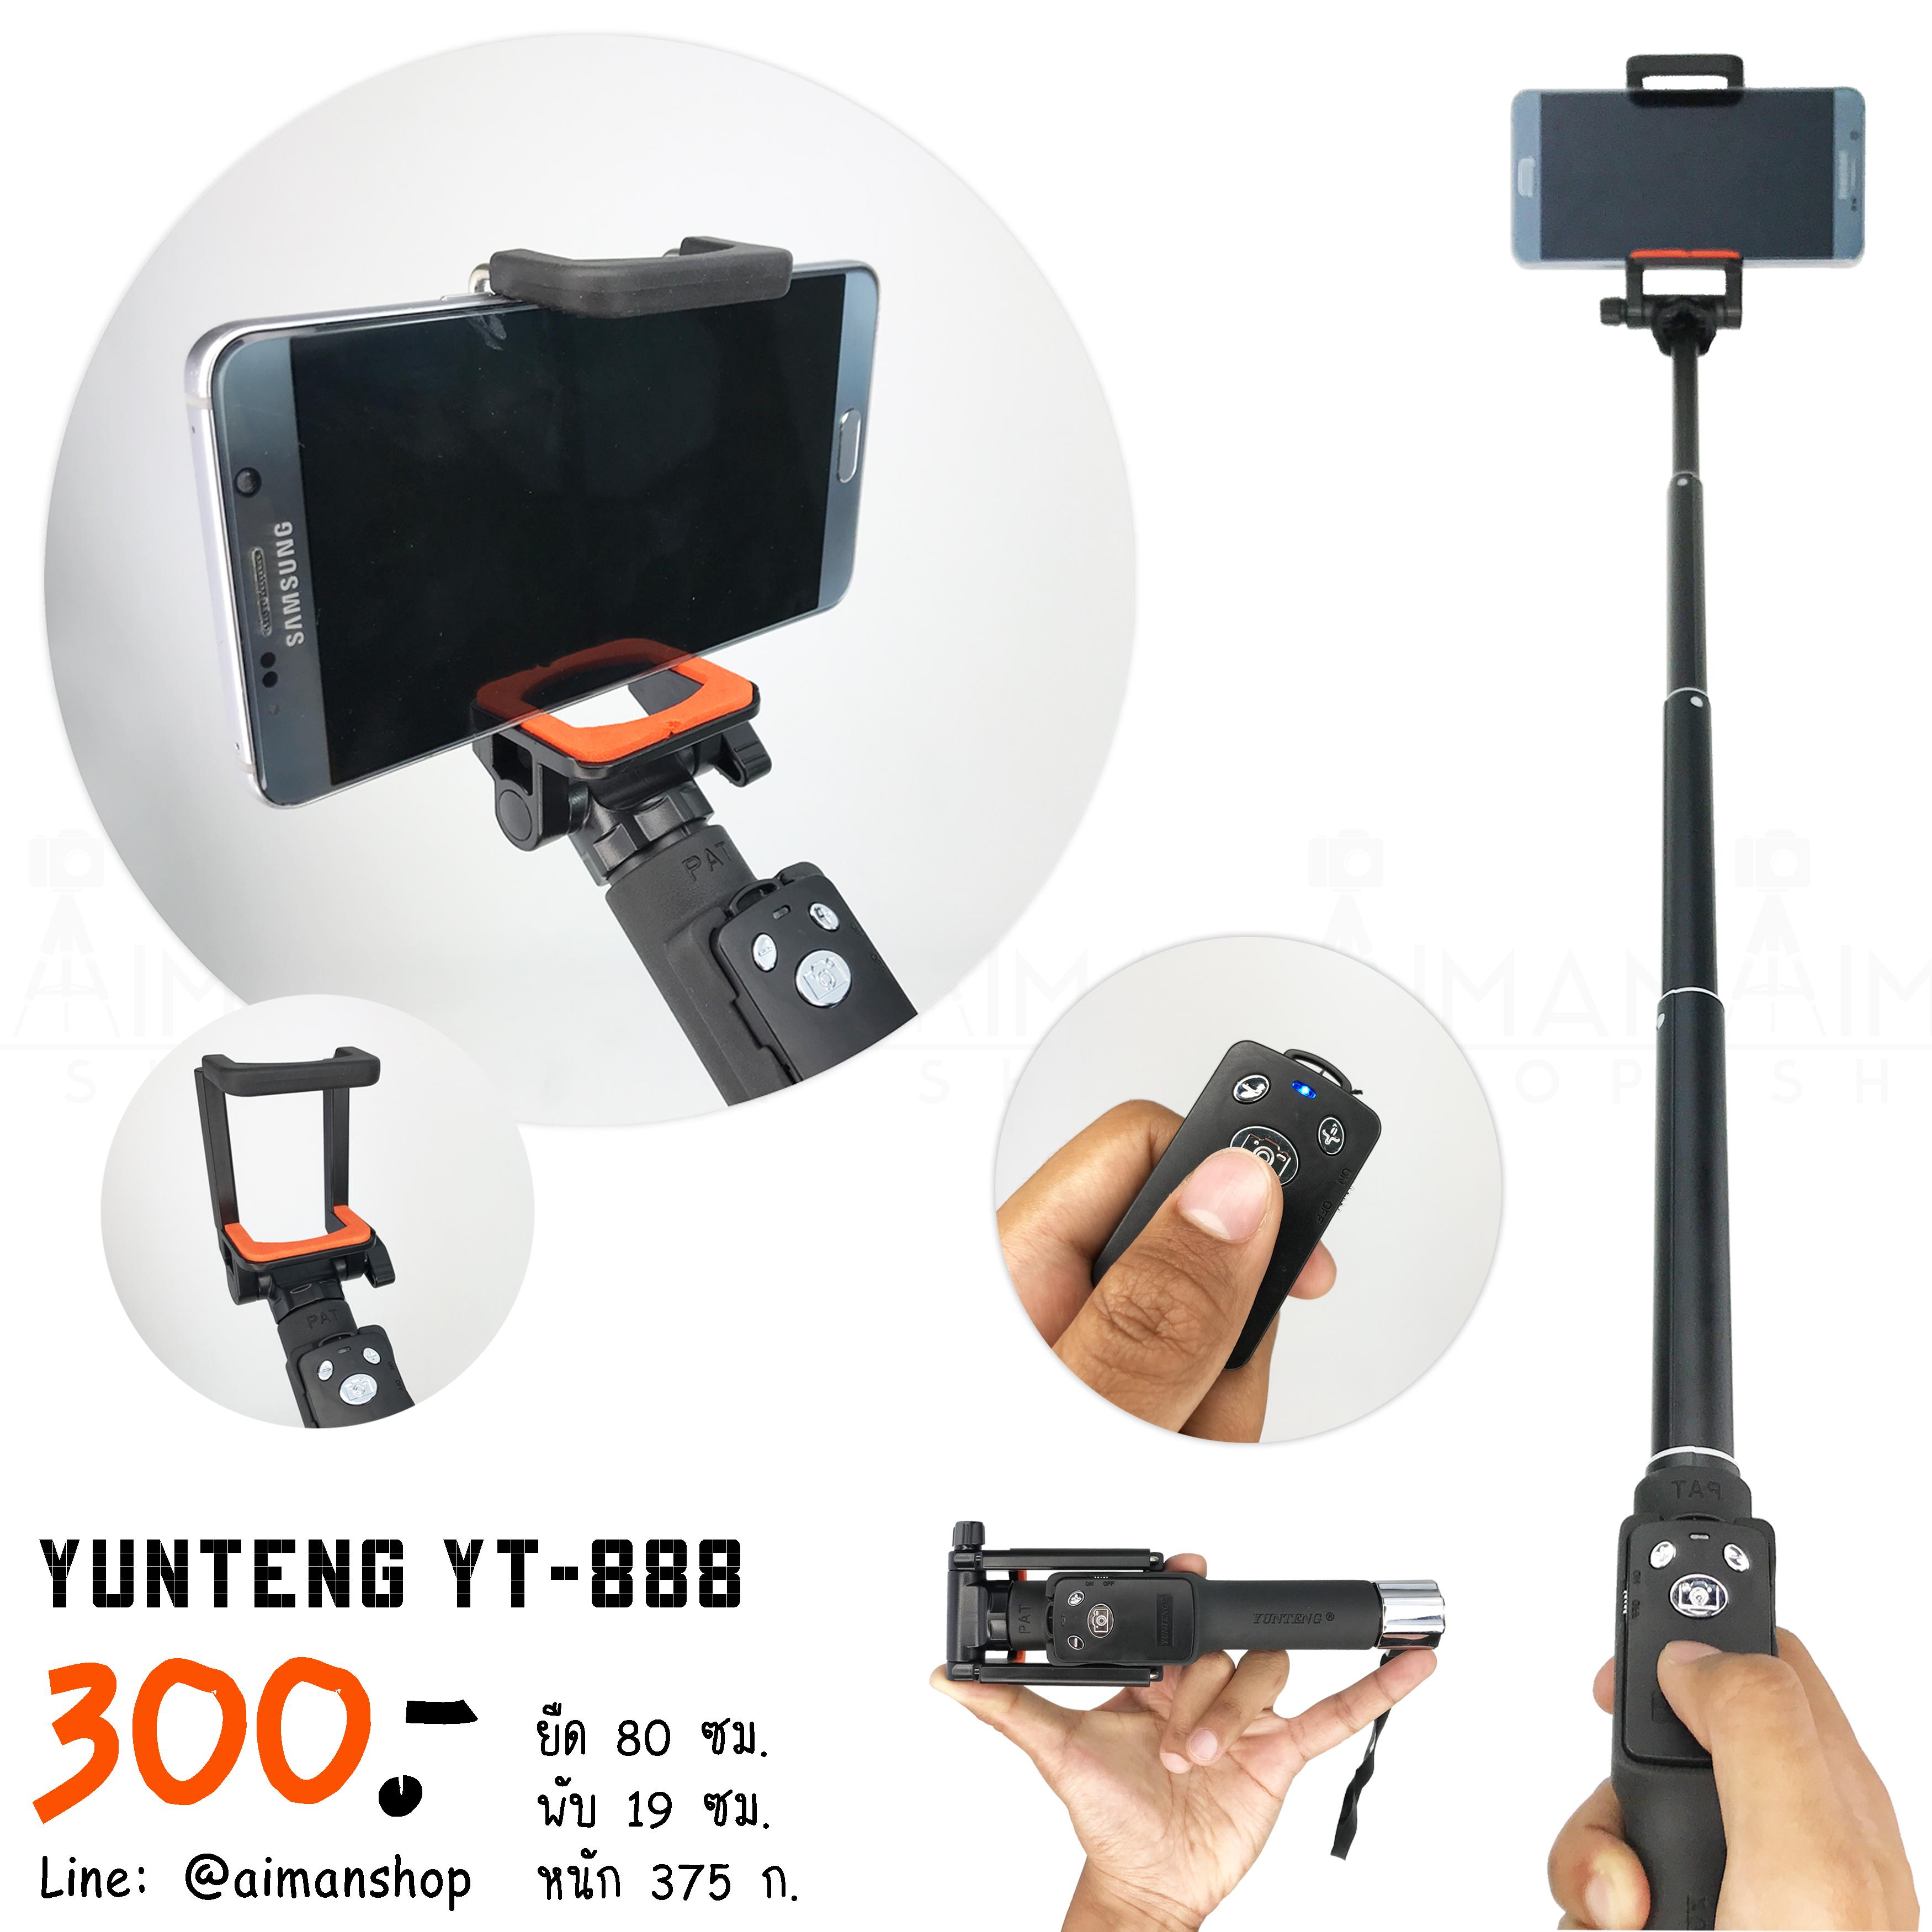 ไม้เซลฟี่ Yunteng (YT-888)